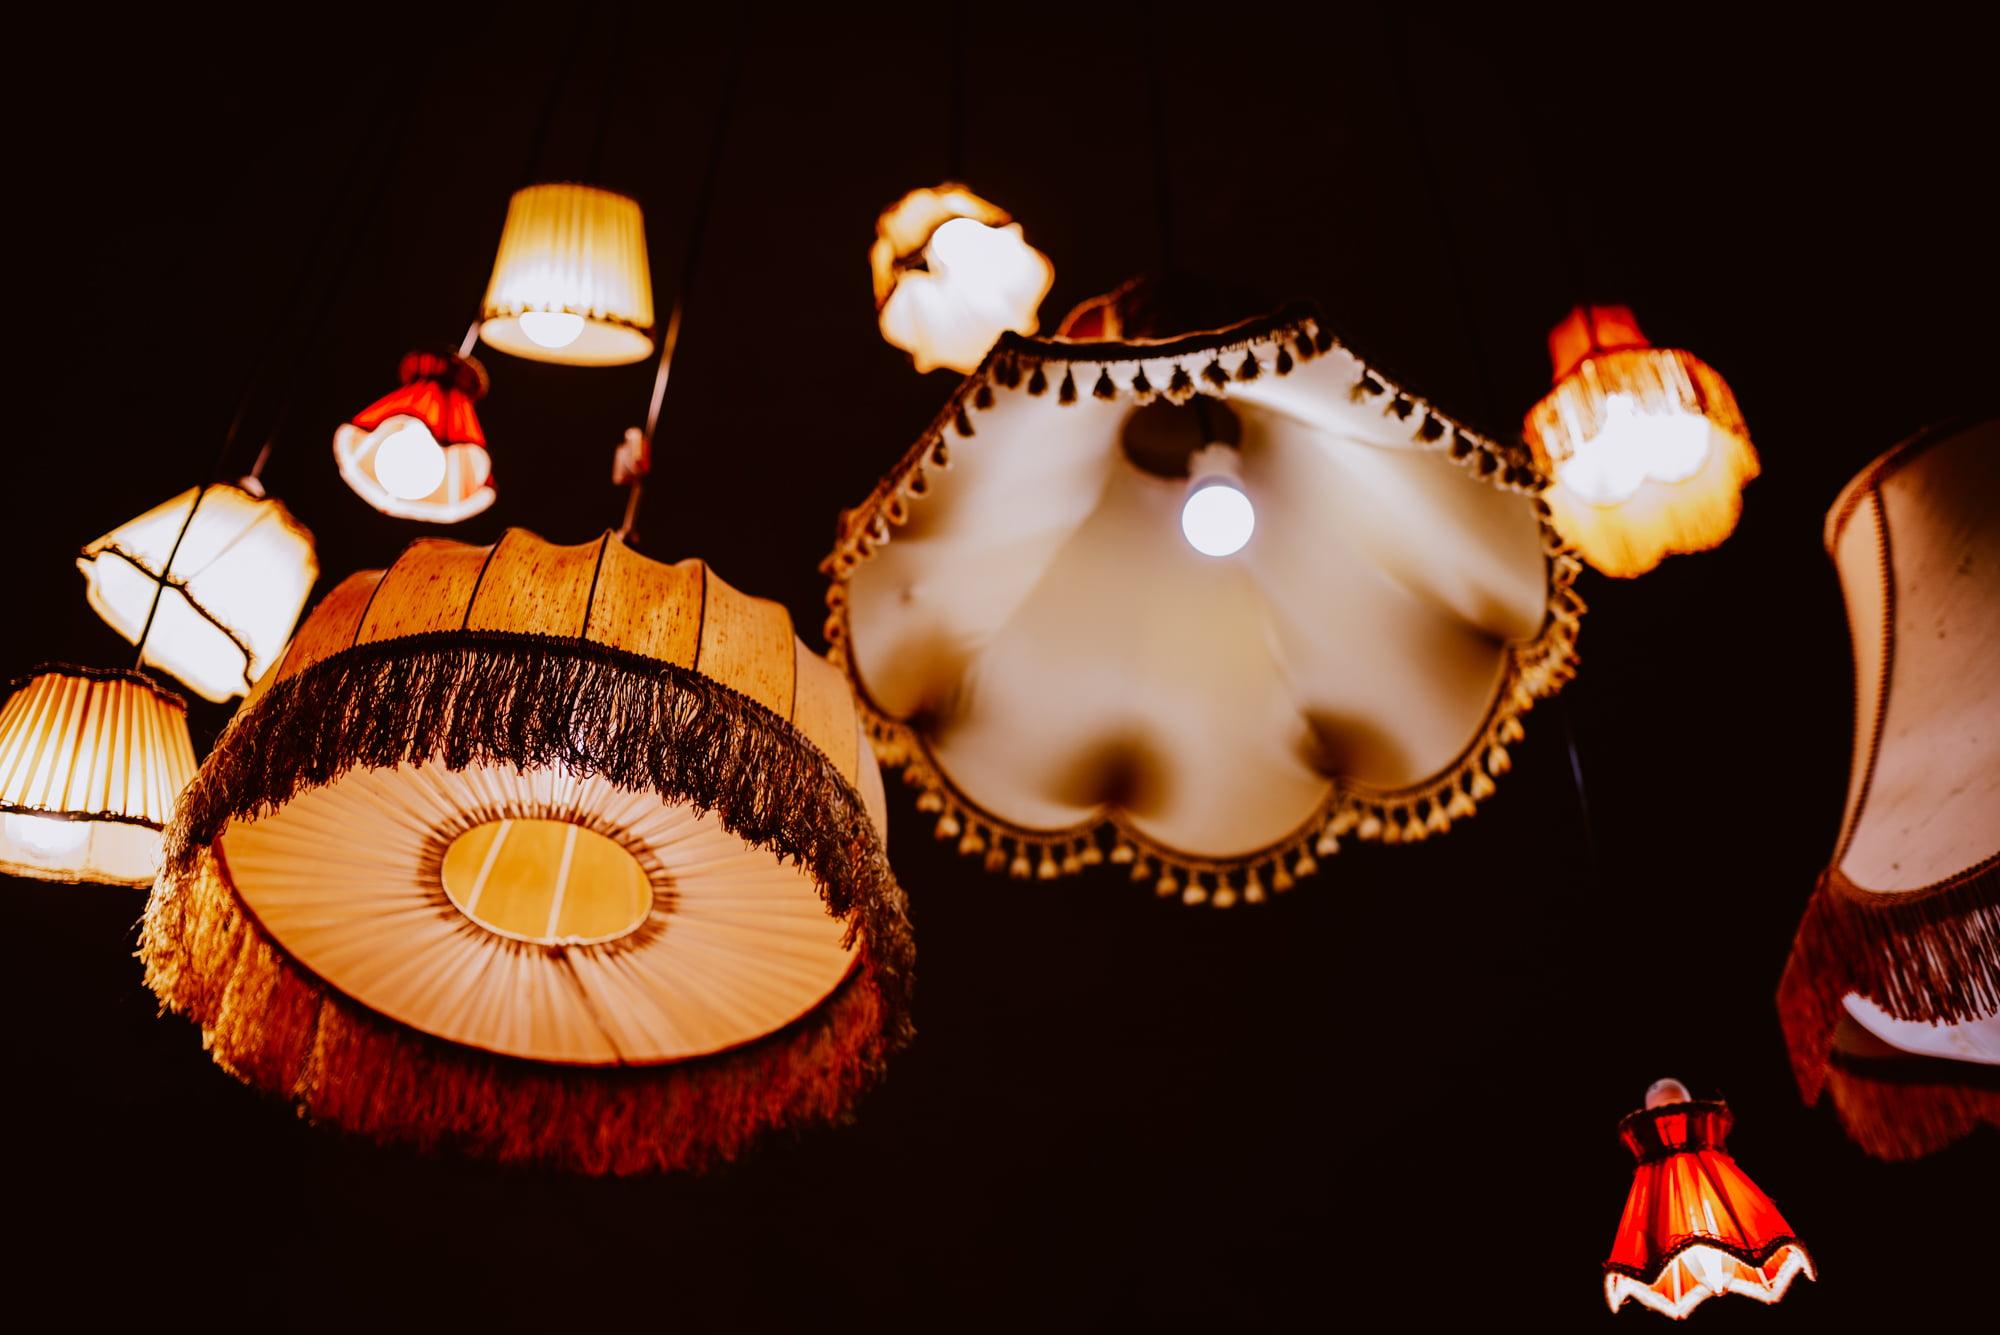 Wiele lamp ze starymi materiałowymi żyrandolami.